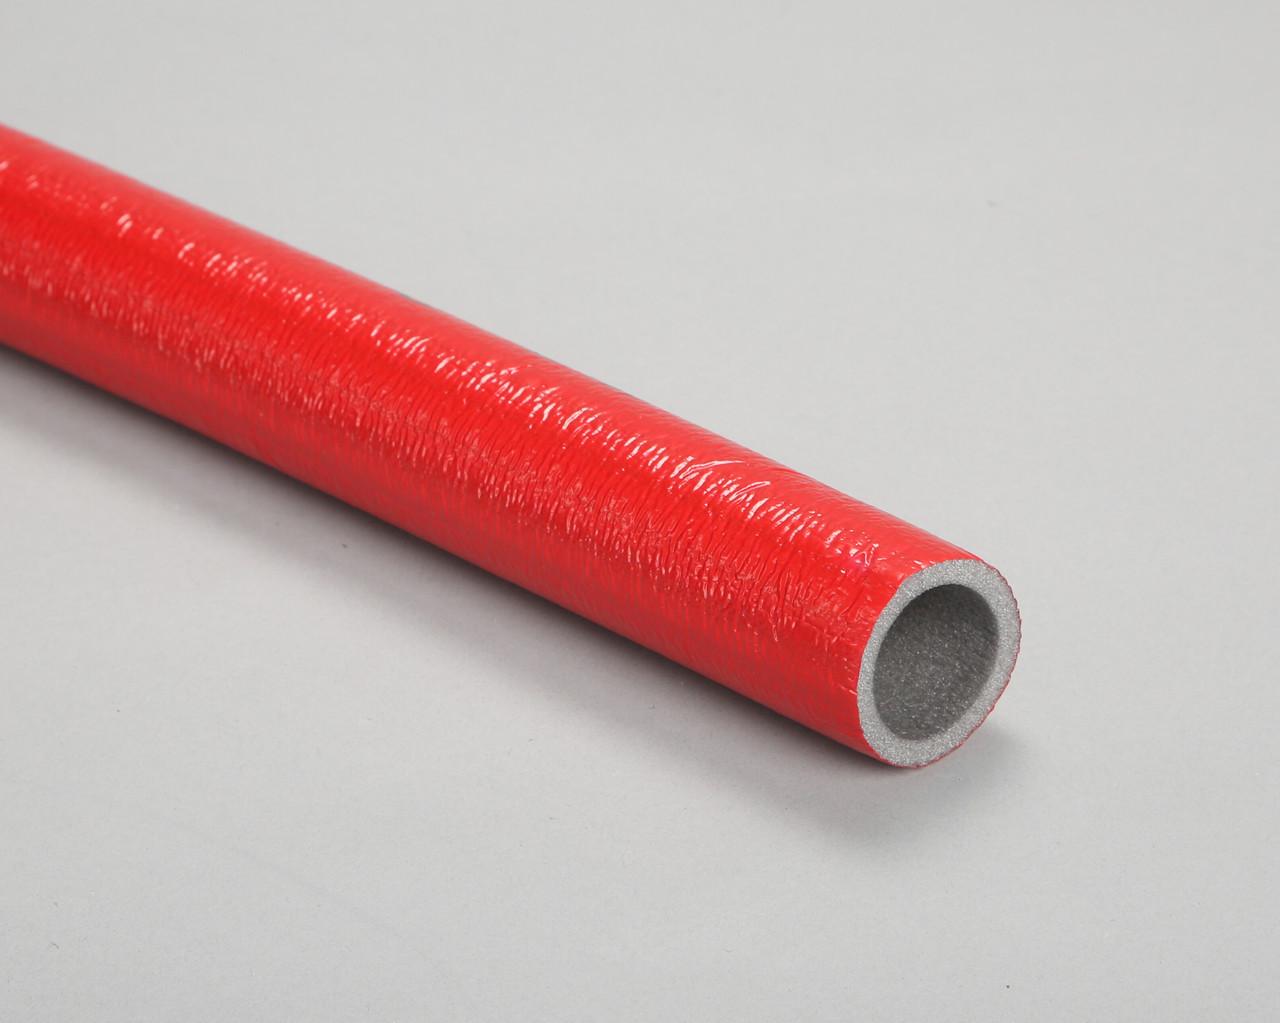 Теплоизоляция для труб в защитной оболочке 6x35мм